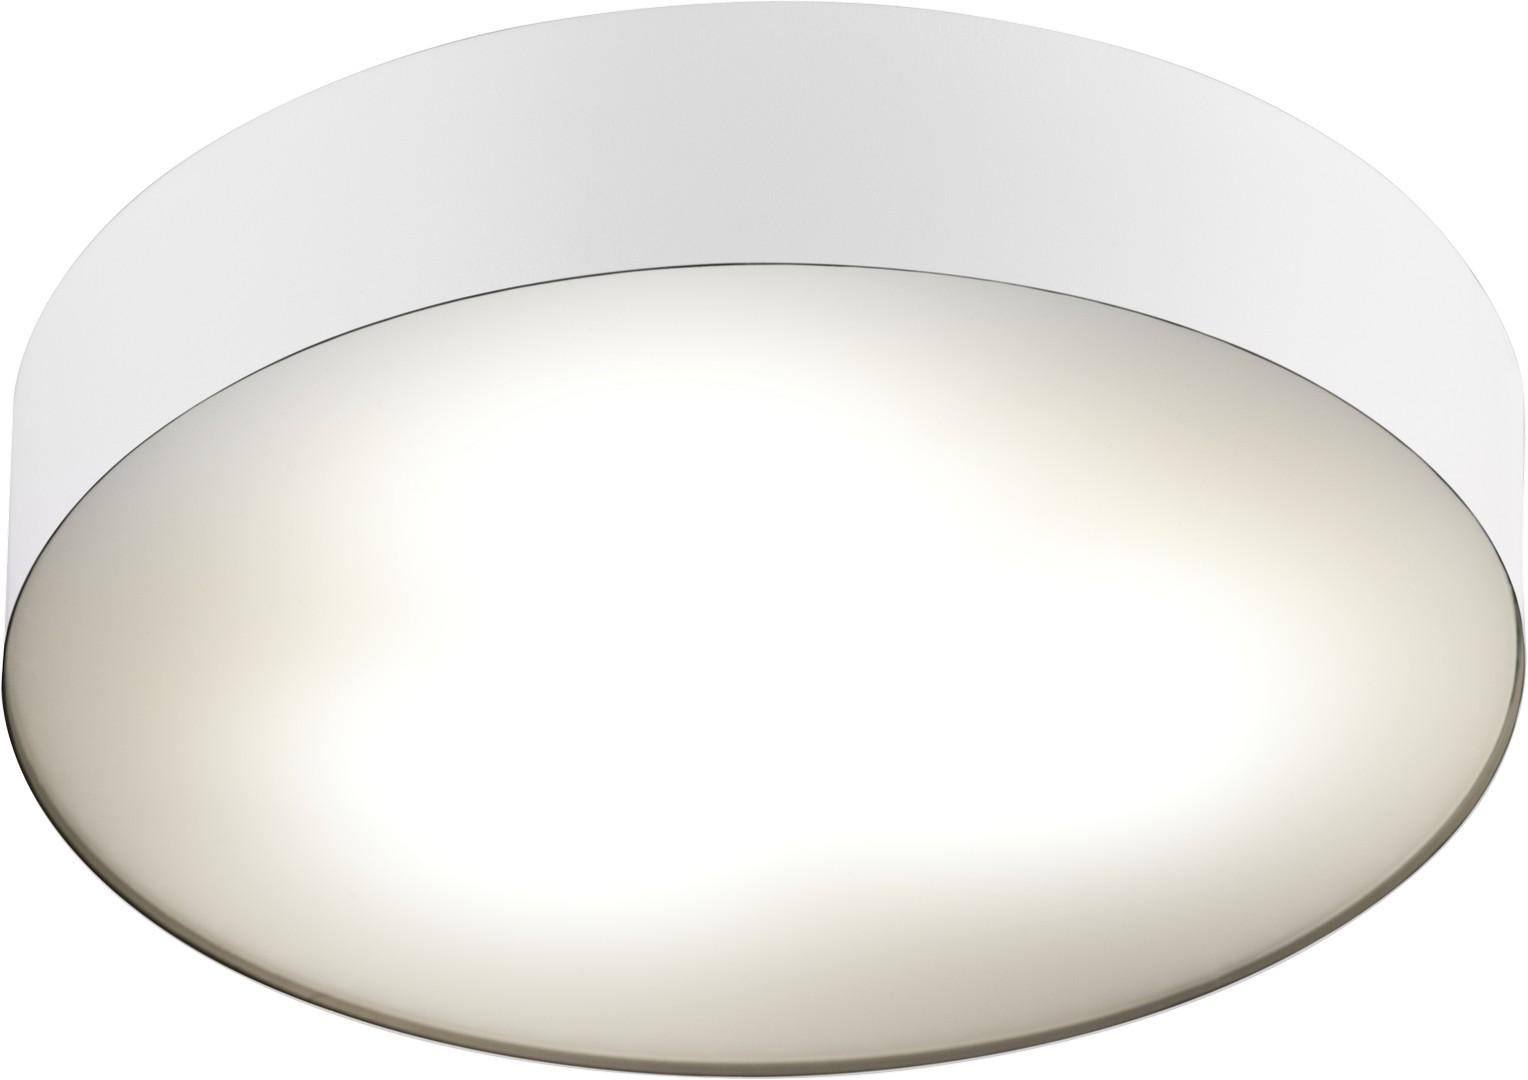 Koupelnové svítidlo Nowodvorski Arena white 6724